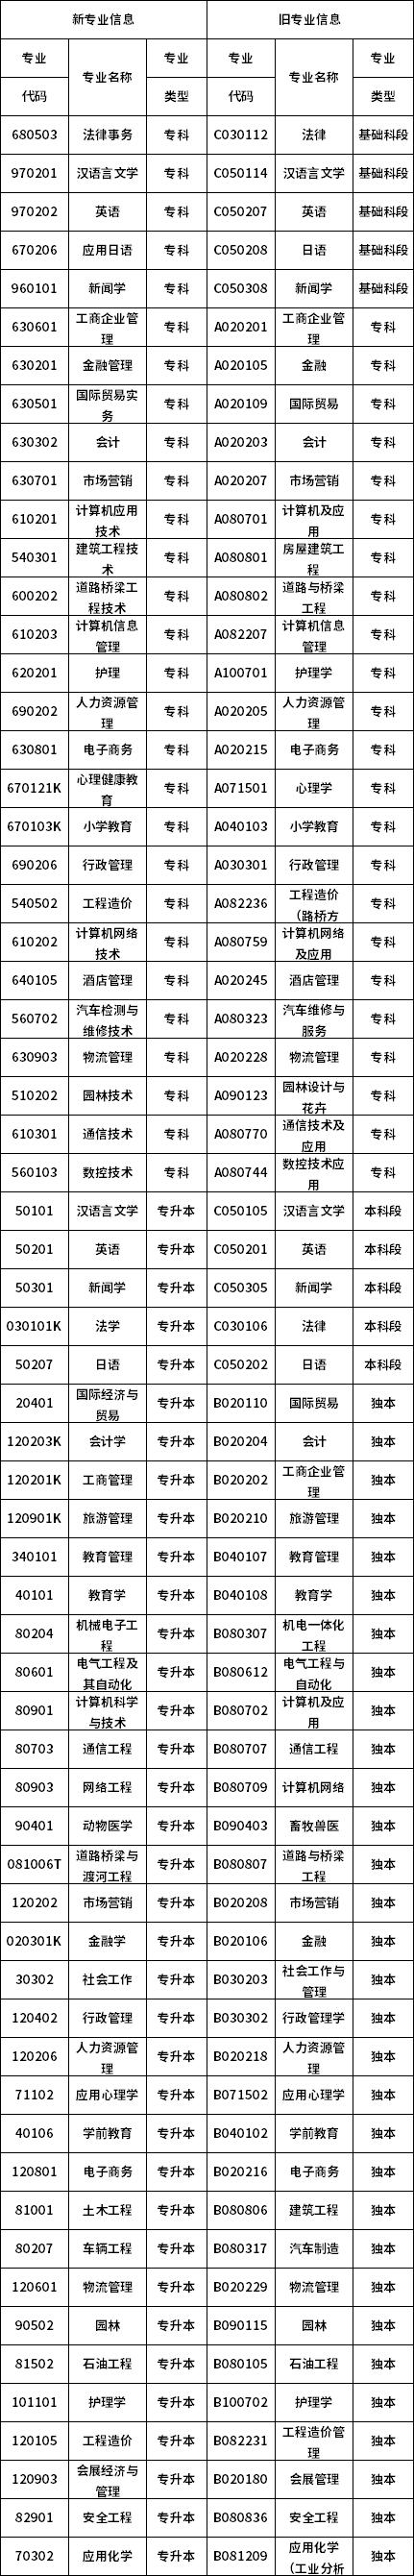 自学考试重庆市开考专业新旧代码及名称、类型对照表